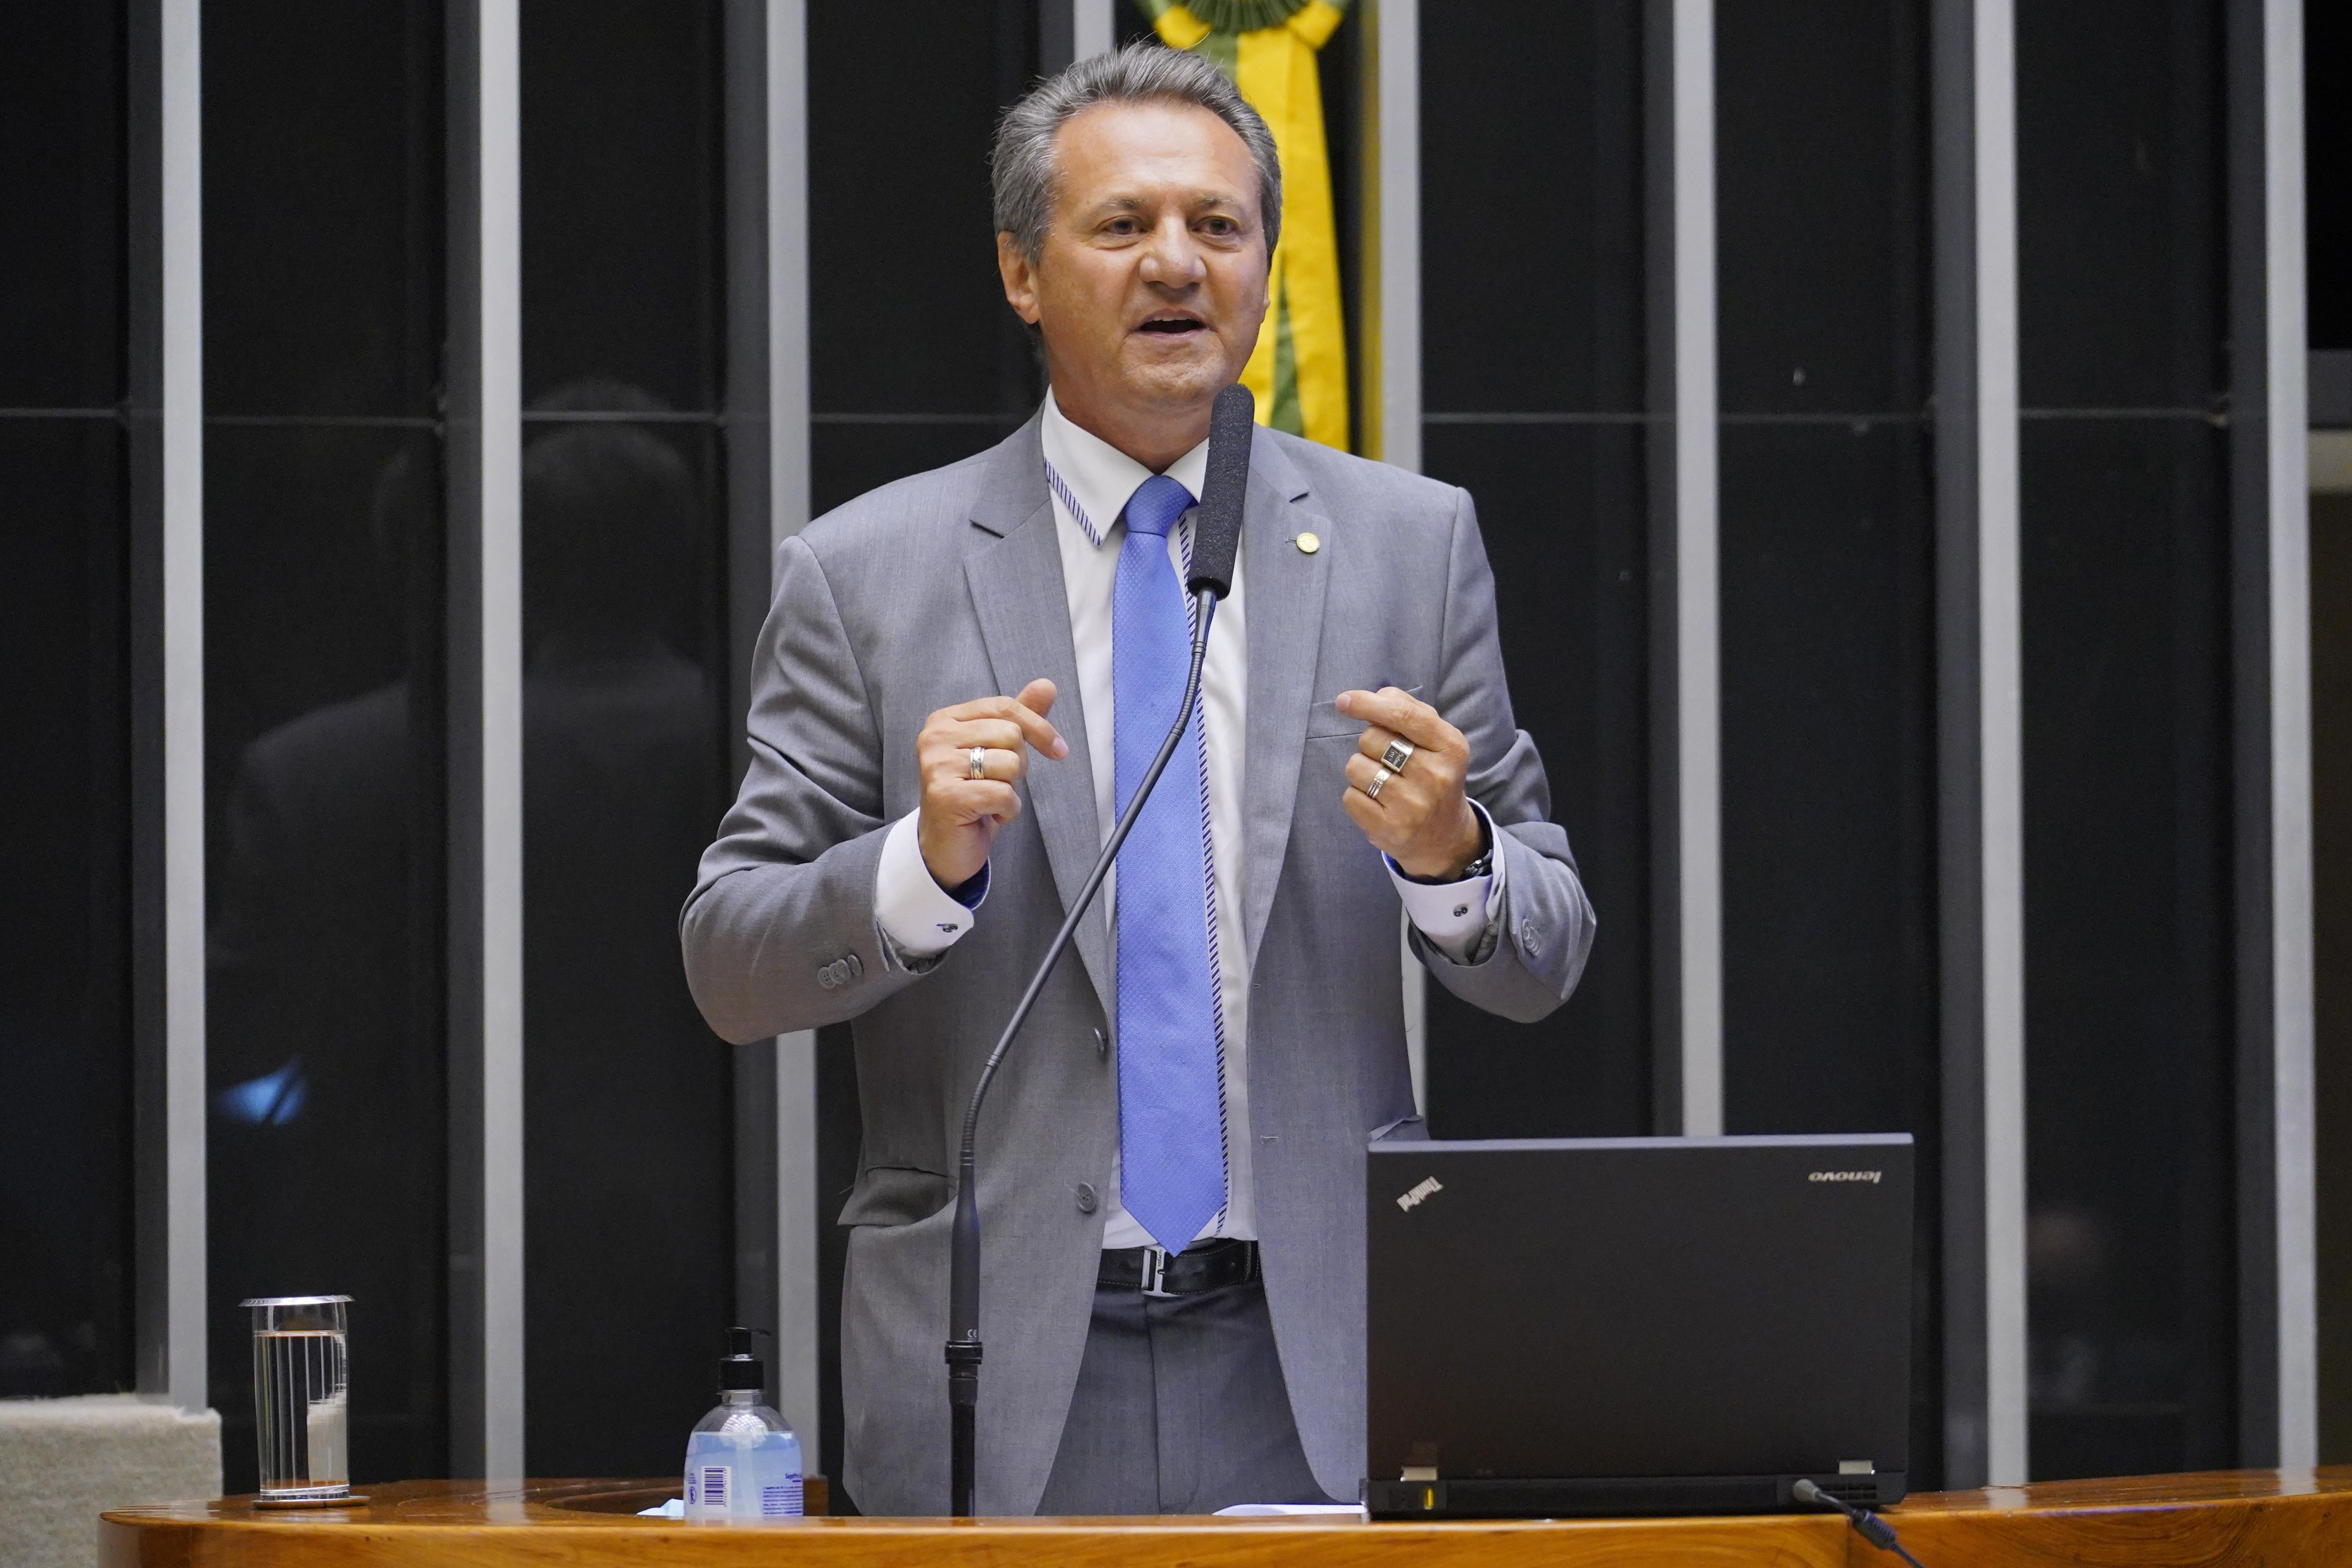 IMAGEM: Médicos repudiam declaração de deputado que associou estado de Covas a uso de máscaras